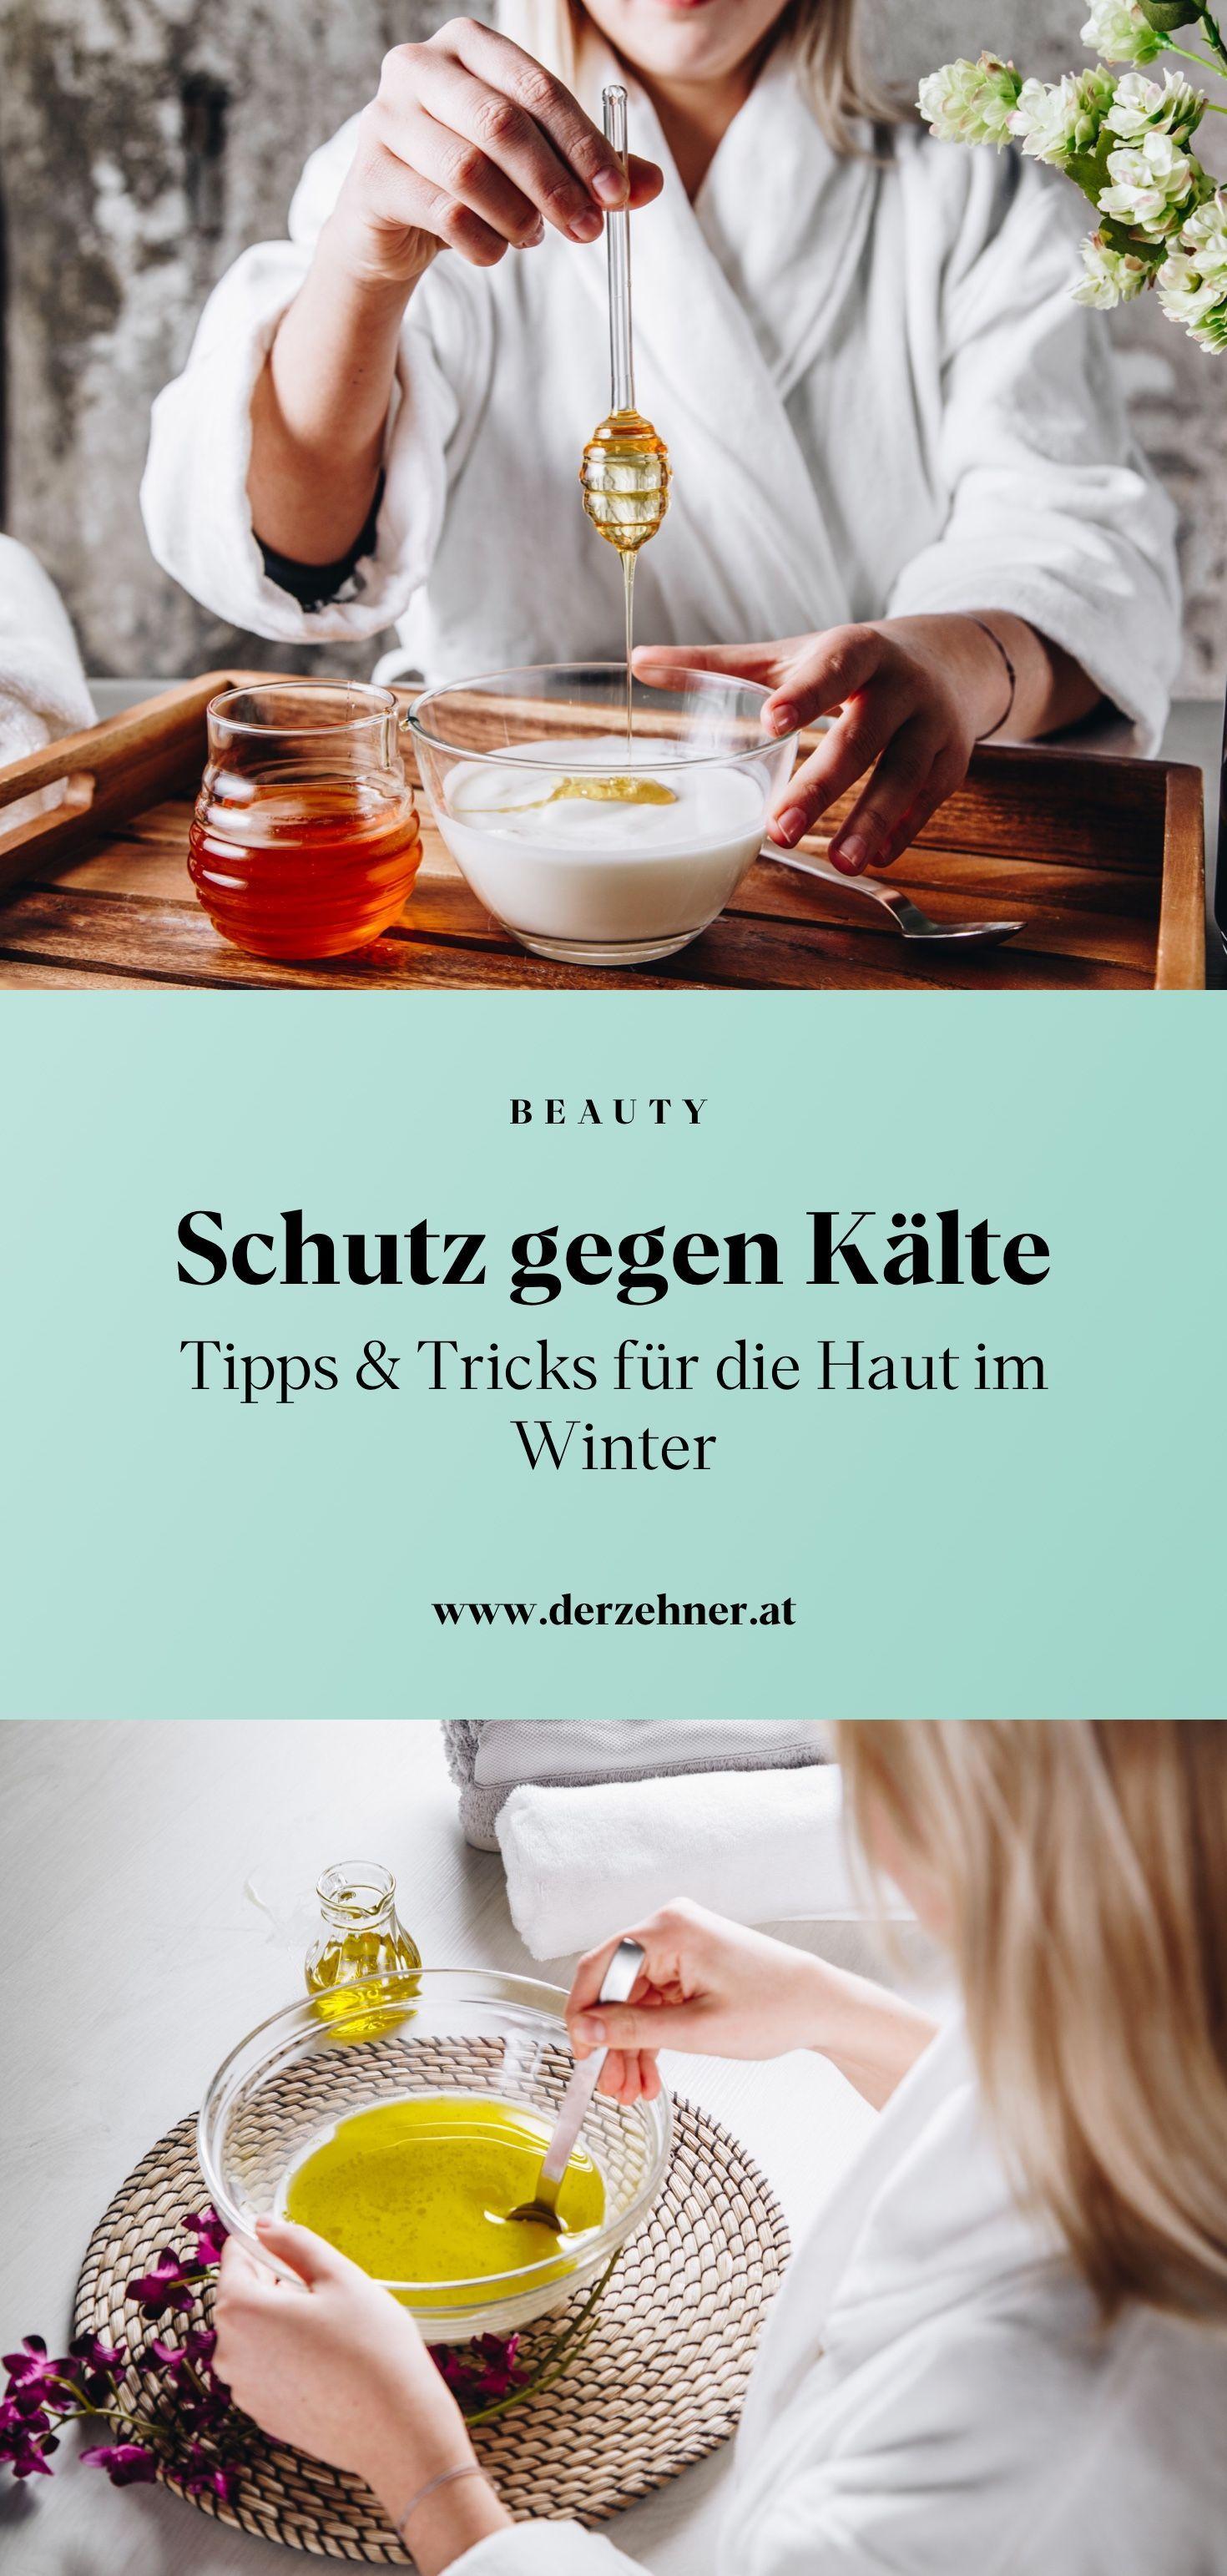 die für Haut Tipps Winter Durch den ständigen Wechsel